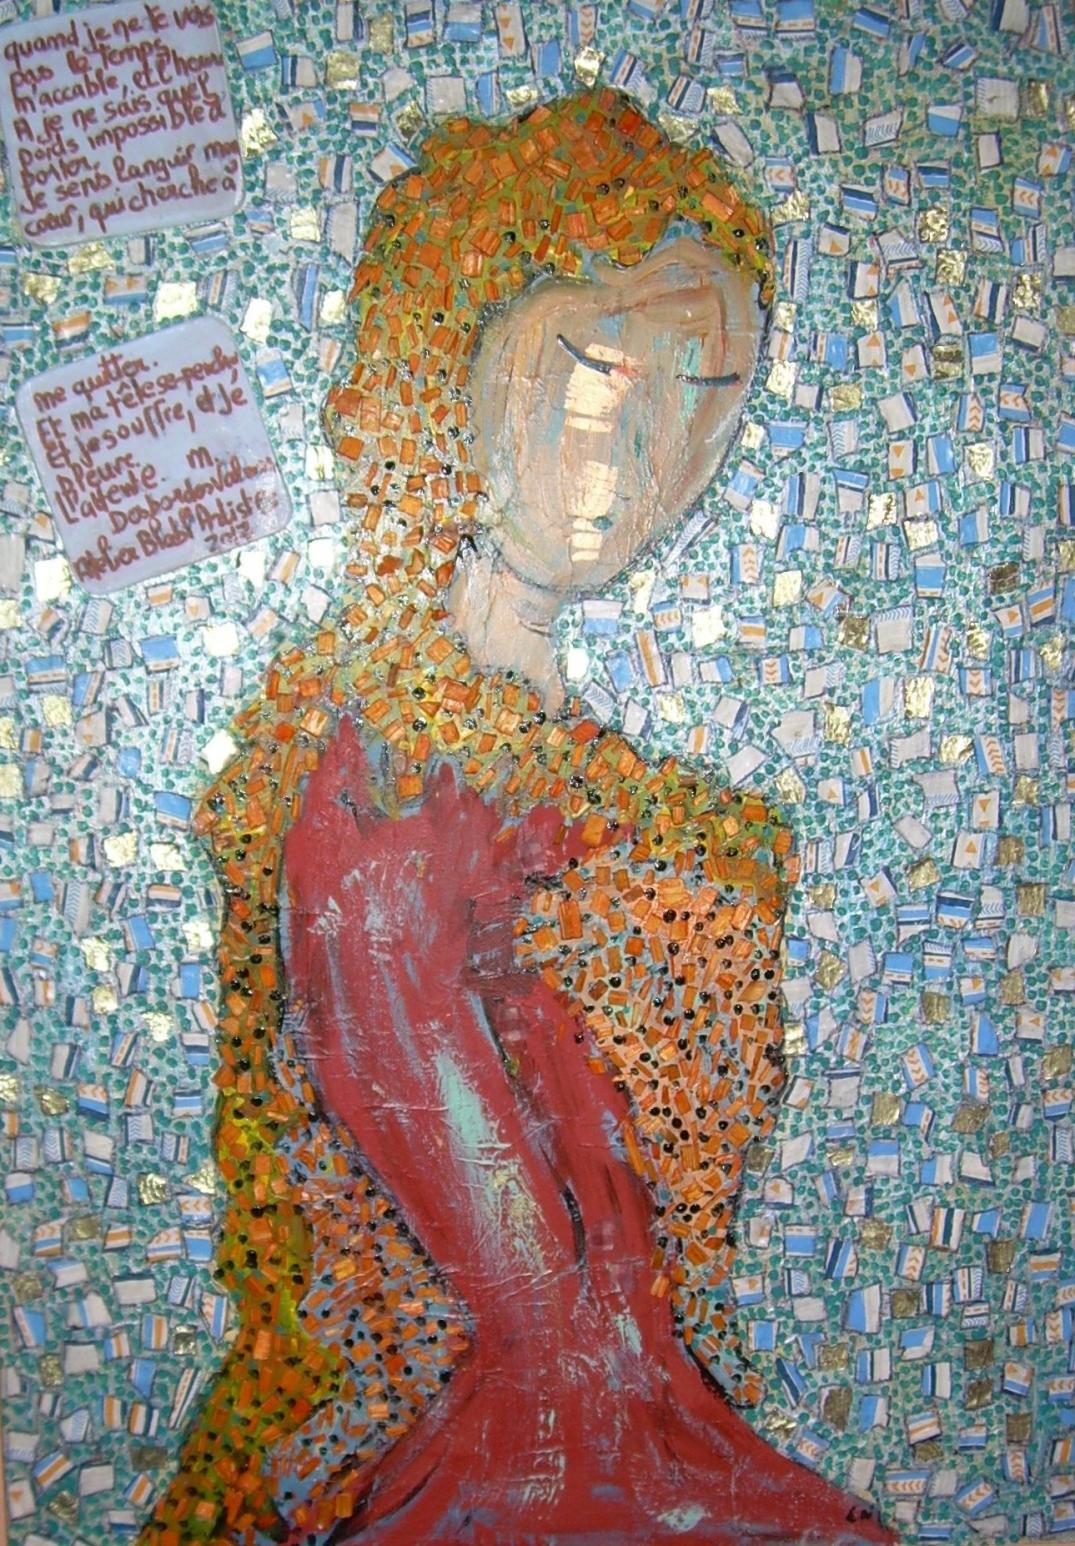 50x70cm L'attente poème Marceline Desbordes Valmore